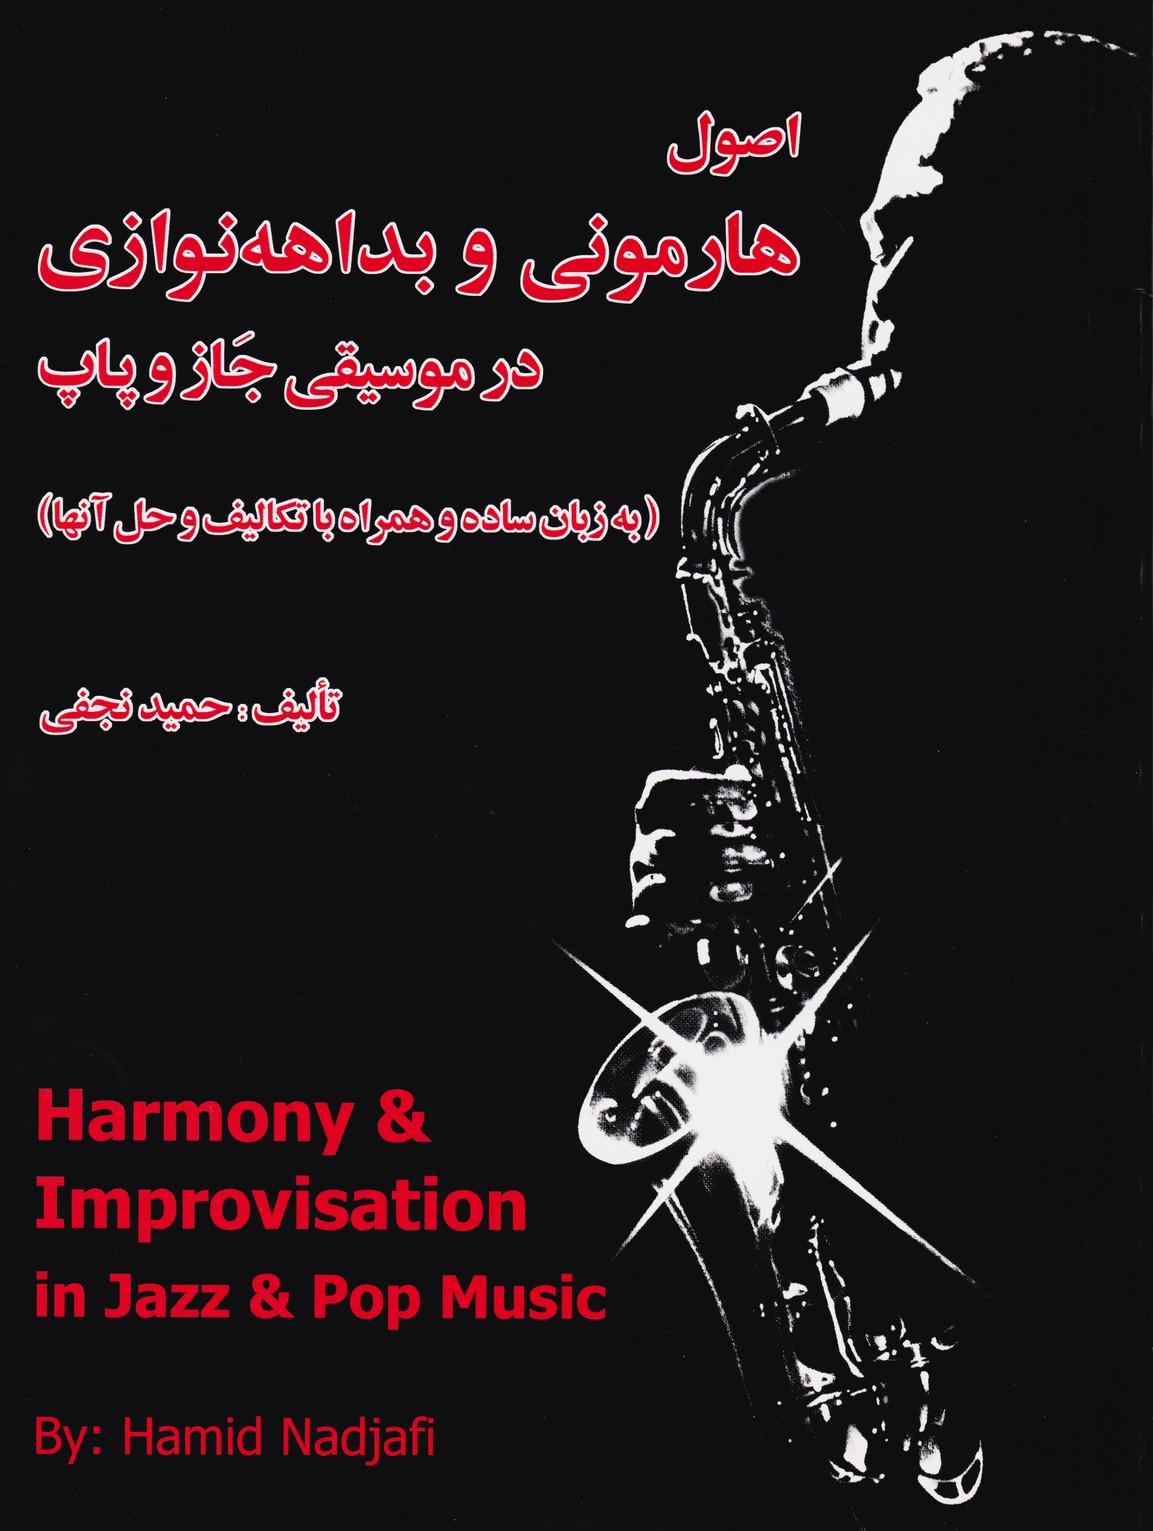 اصول هارمونی و بداهه نوازی در موسیقی جاز و پاپ